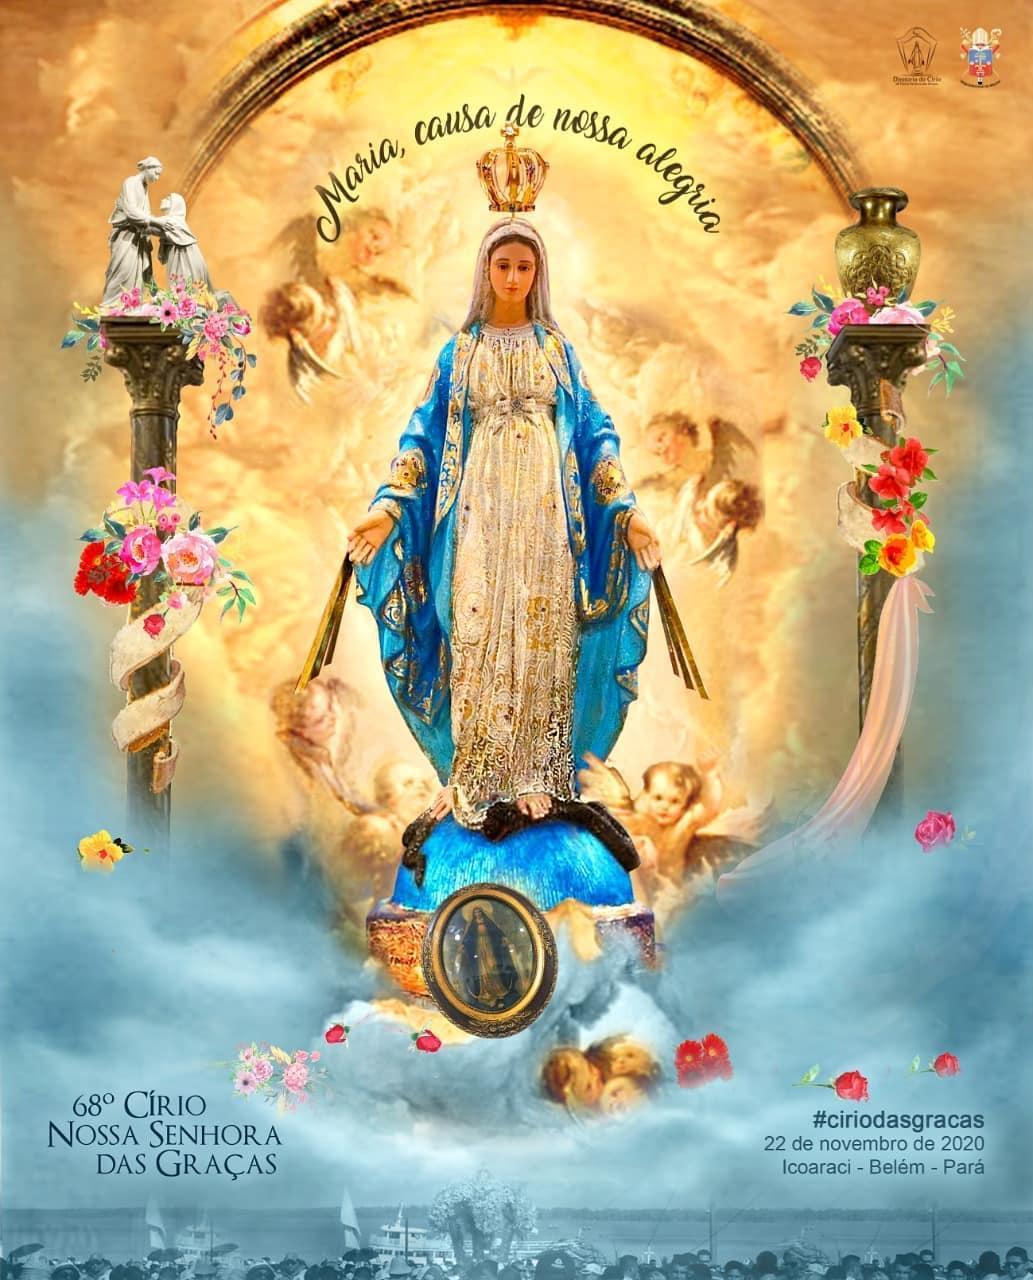 Veja como será o Círio de Nossa Senhora das Graças deste ano em Icoaraci